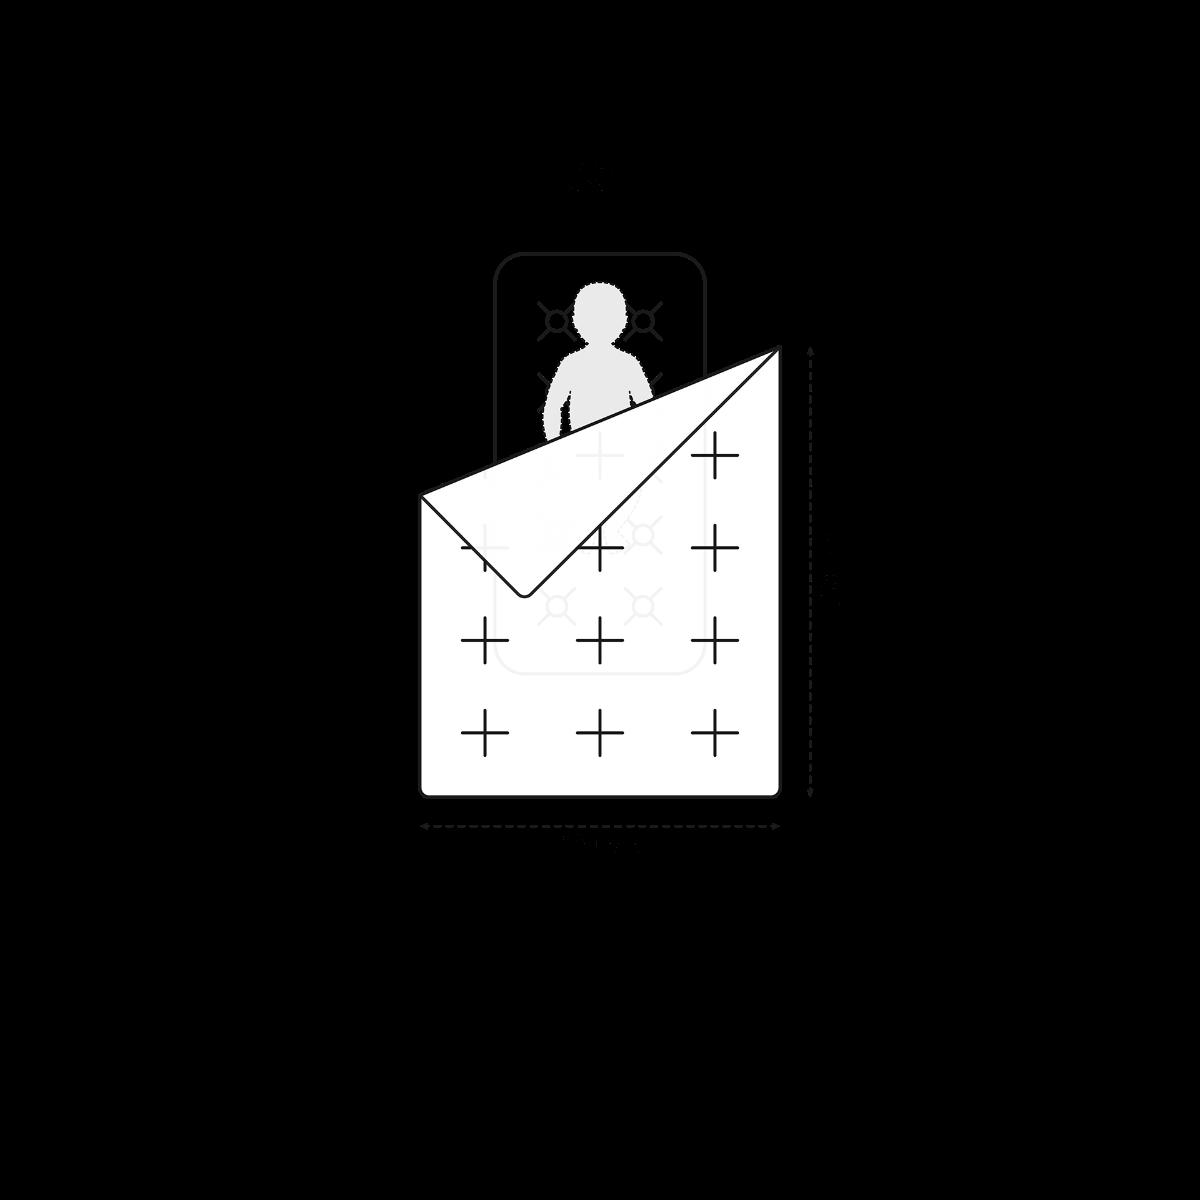 Cot Duvet Dimensions